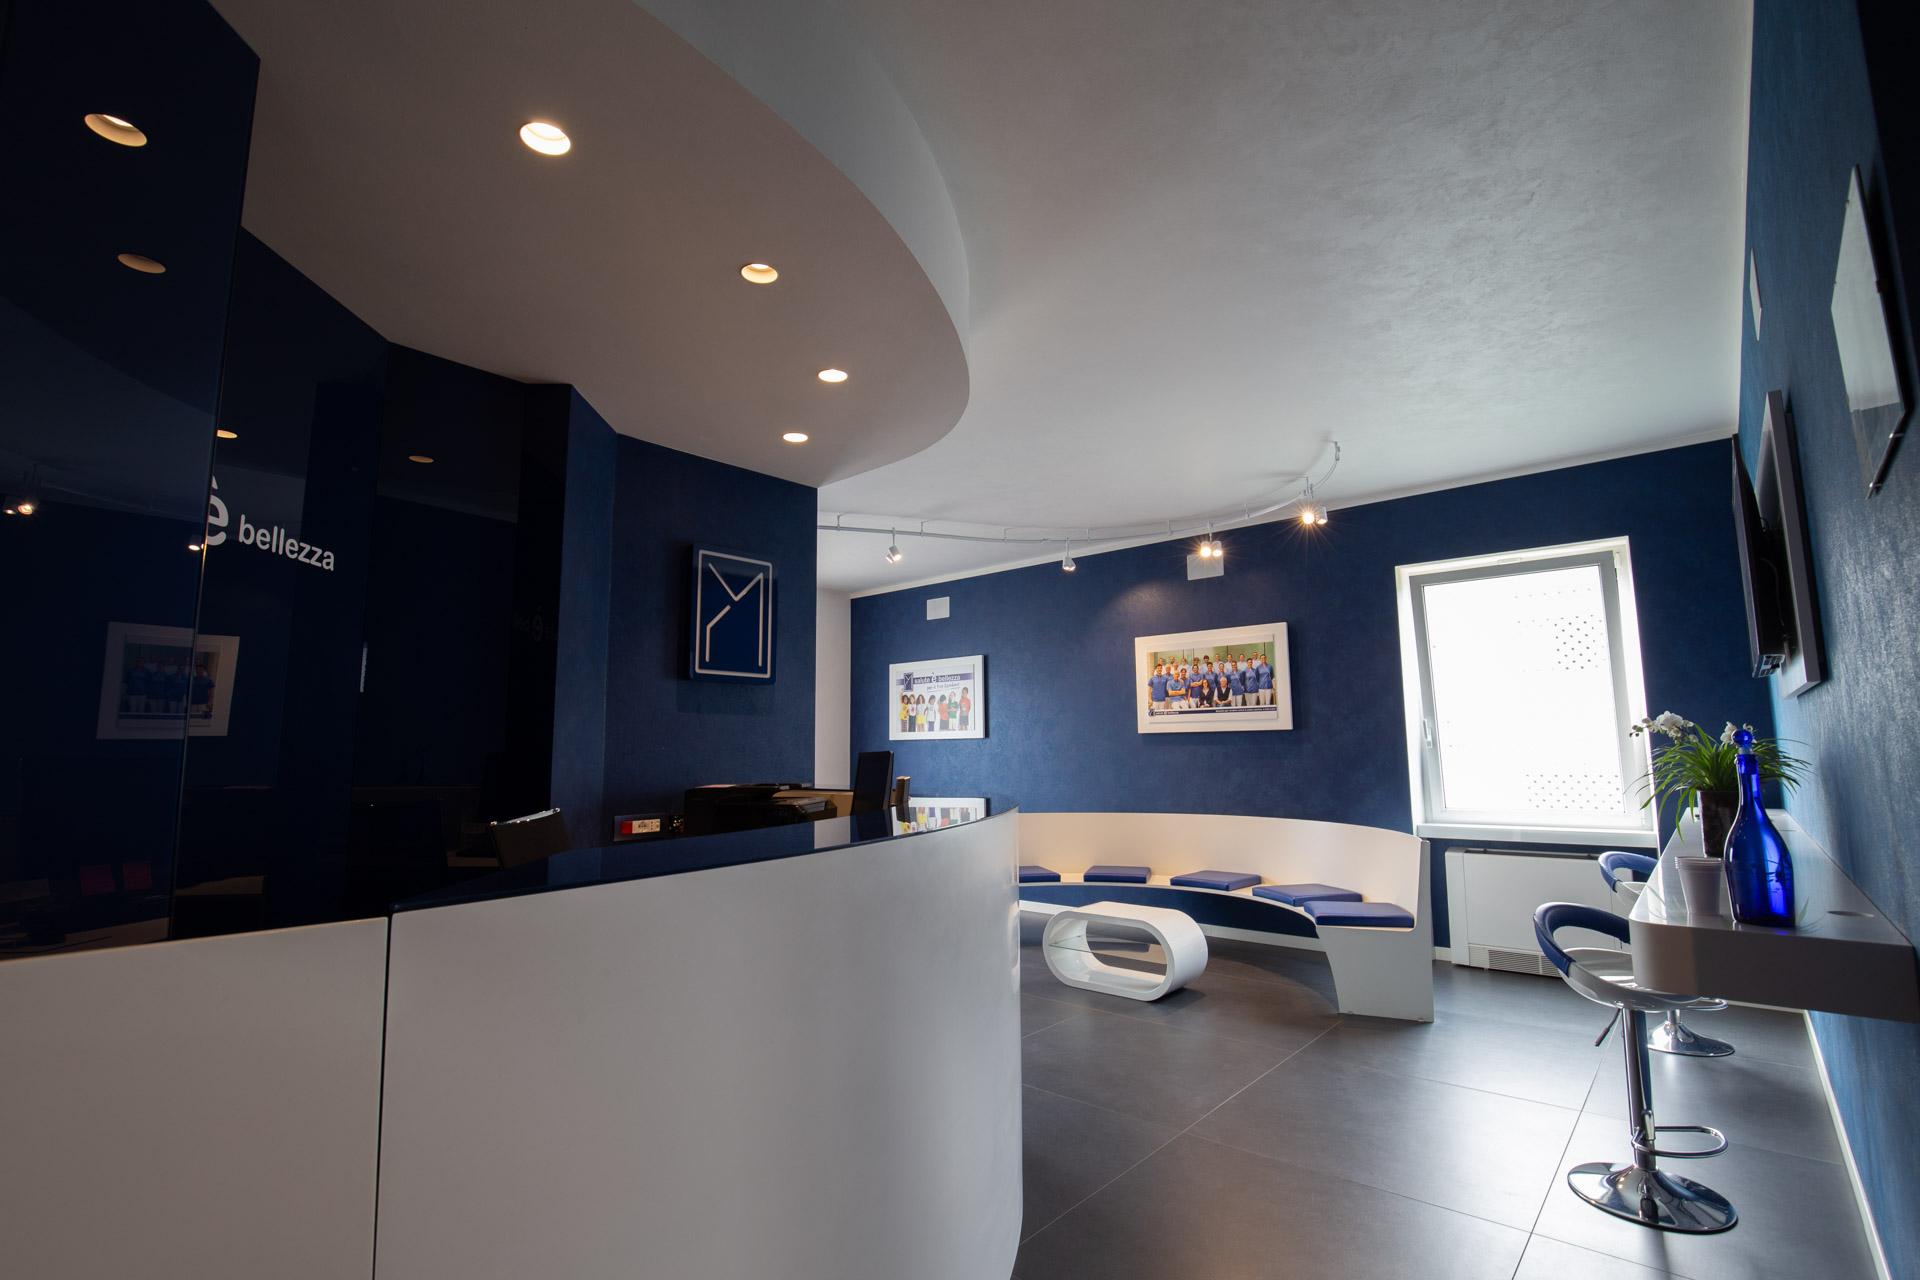 architettura architetto interni progettazione arredamento negozi simone casarotto design studio dentistico mondina castiglione design arredatore mantova